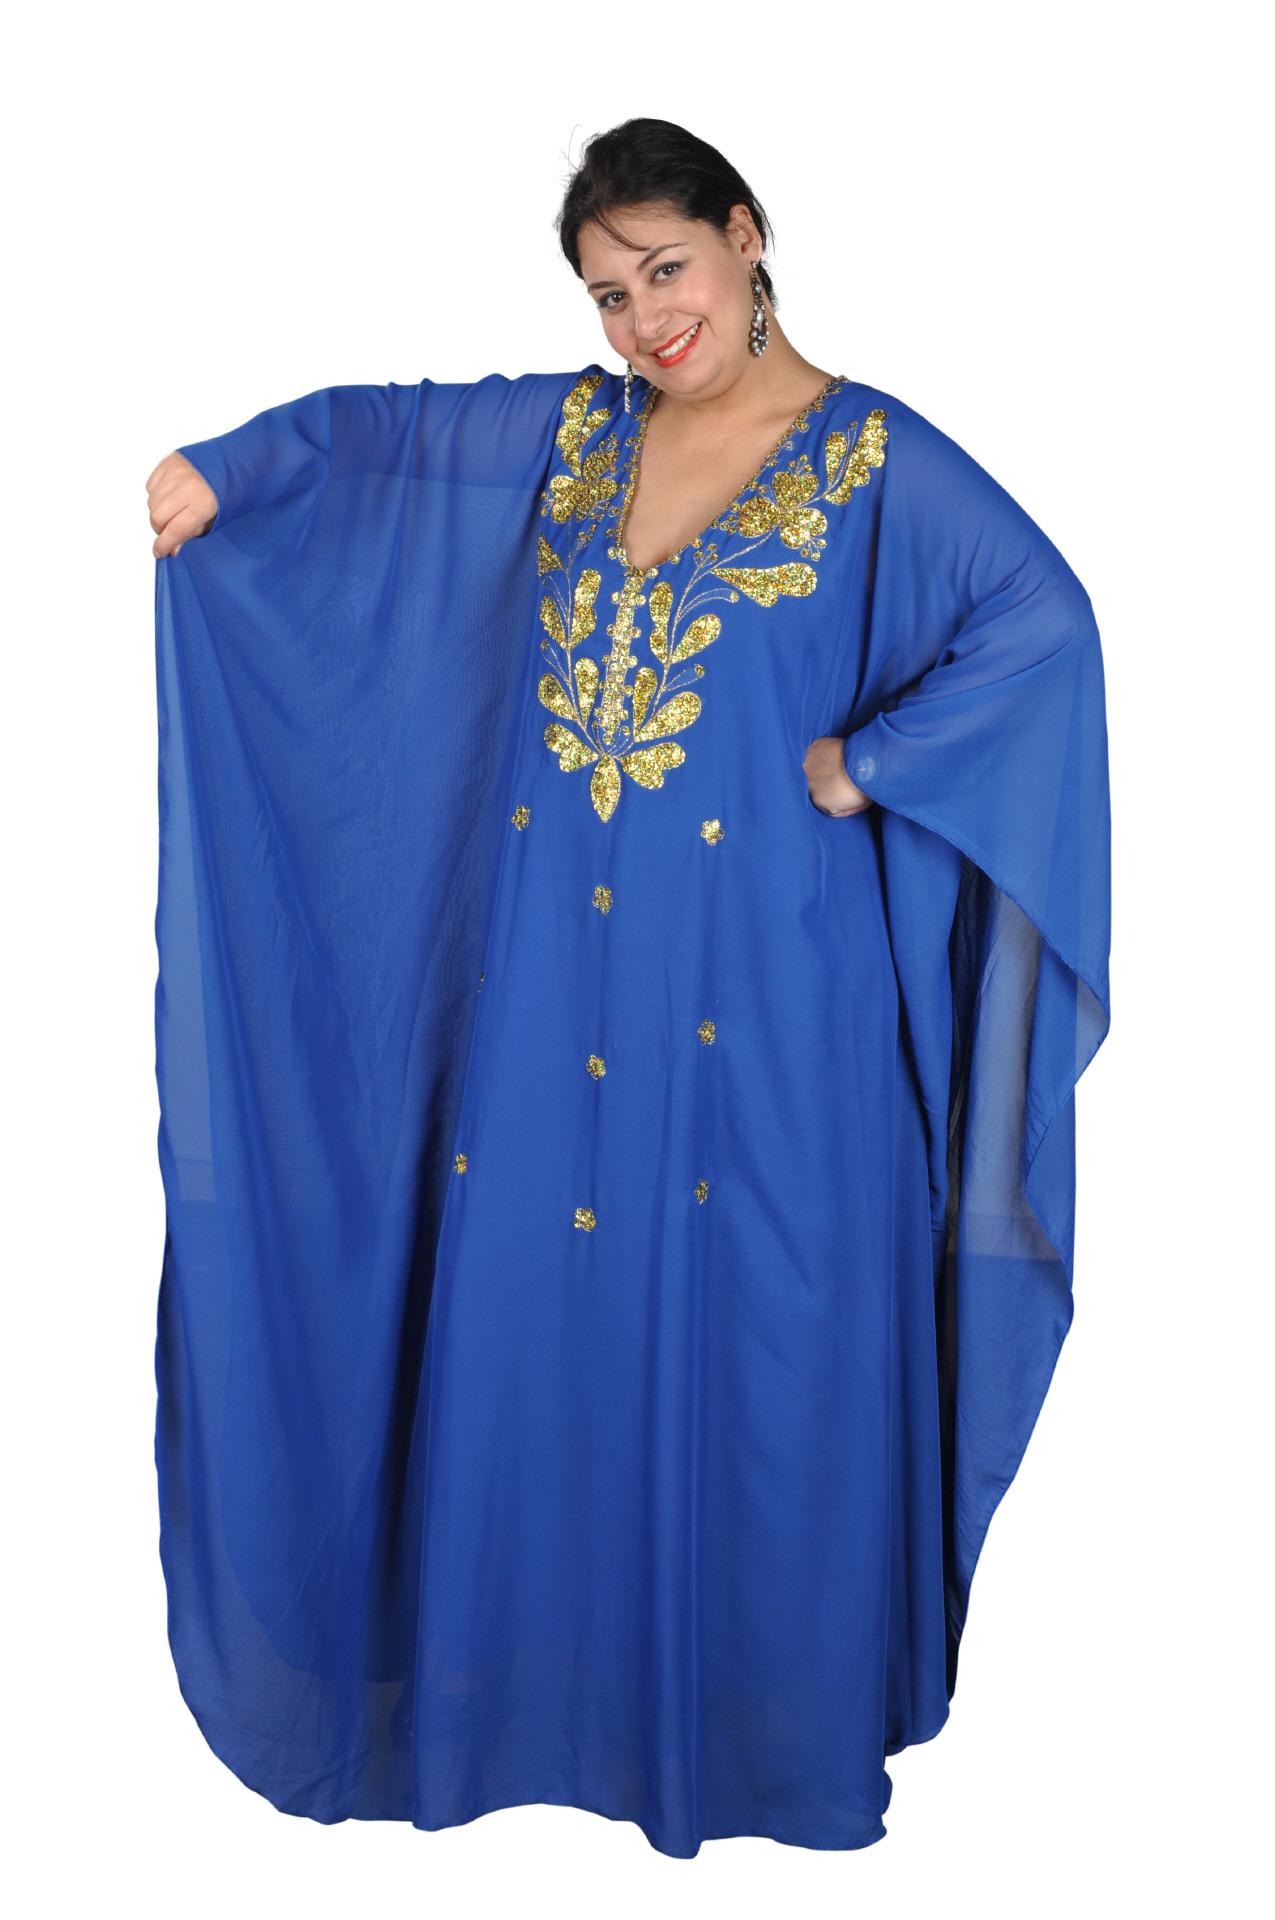 abaya im gulf style arabische orientalische islamische kleidung. Black Bedroom Furniture Sets. Home Design Ideas